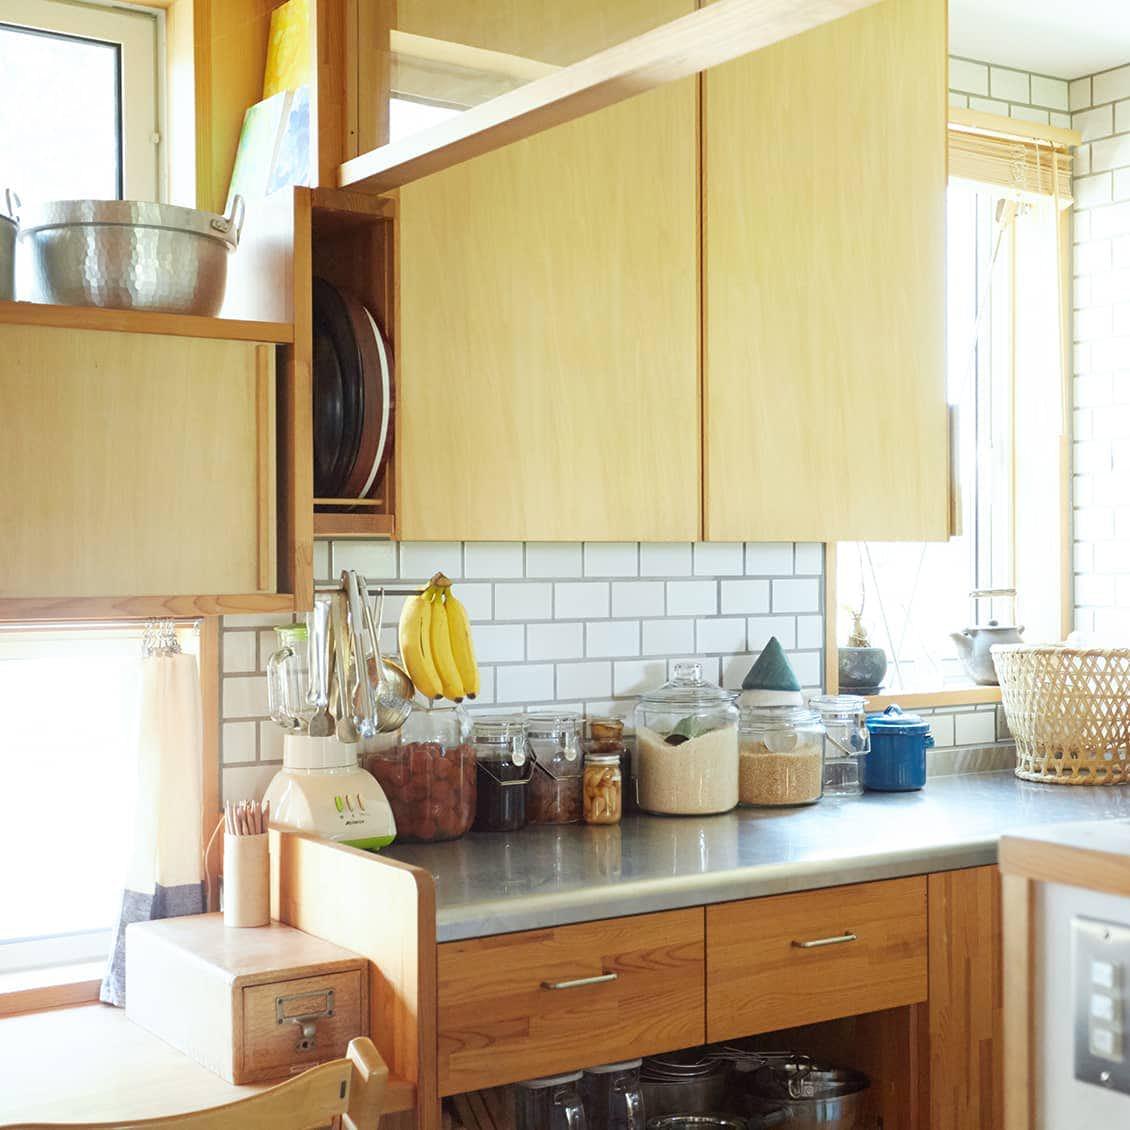 【まとめ】暮らしの中の「すきま」を、キッチンや洗面所で活用するには?